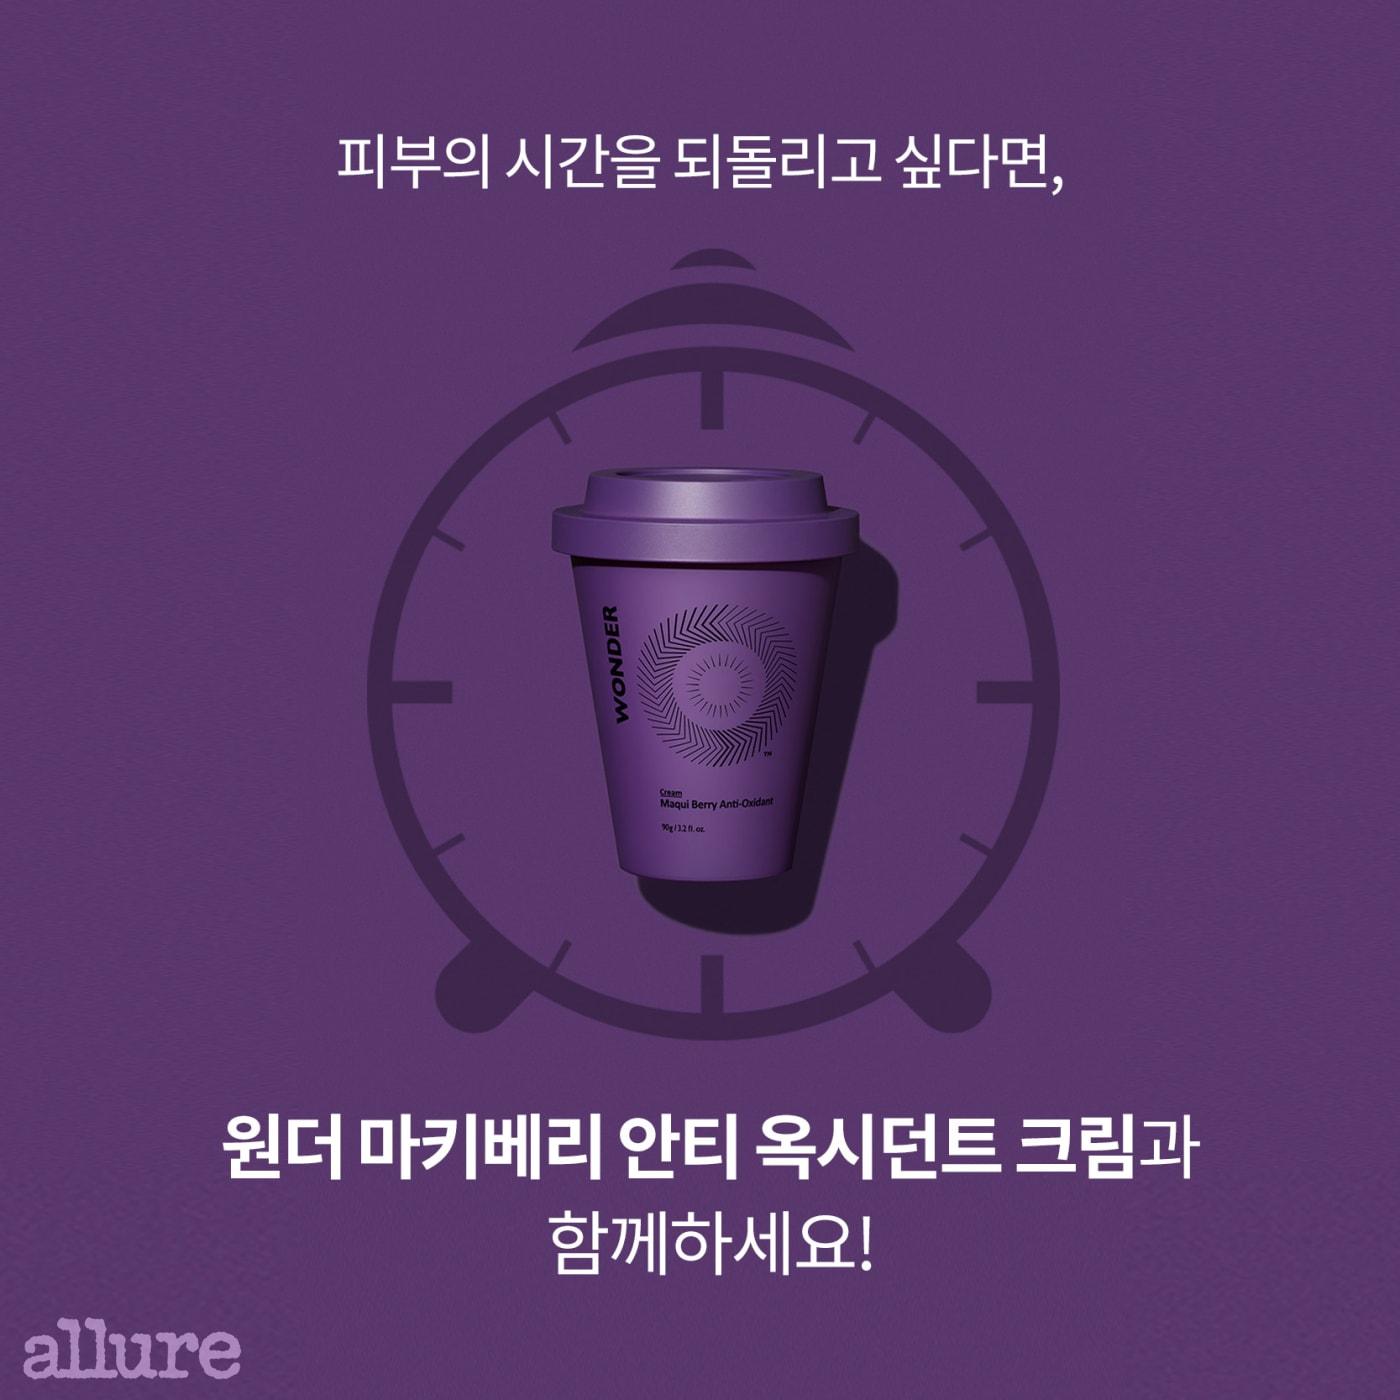 하루하루_카드뉴스_5